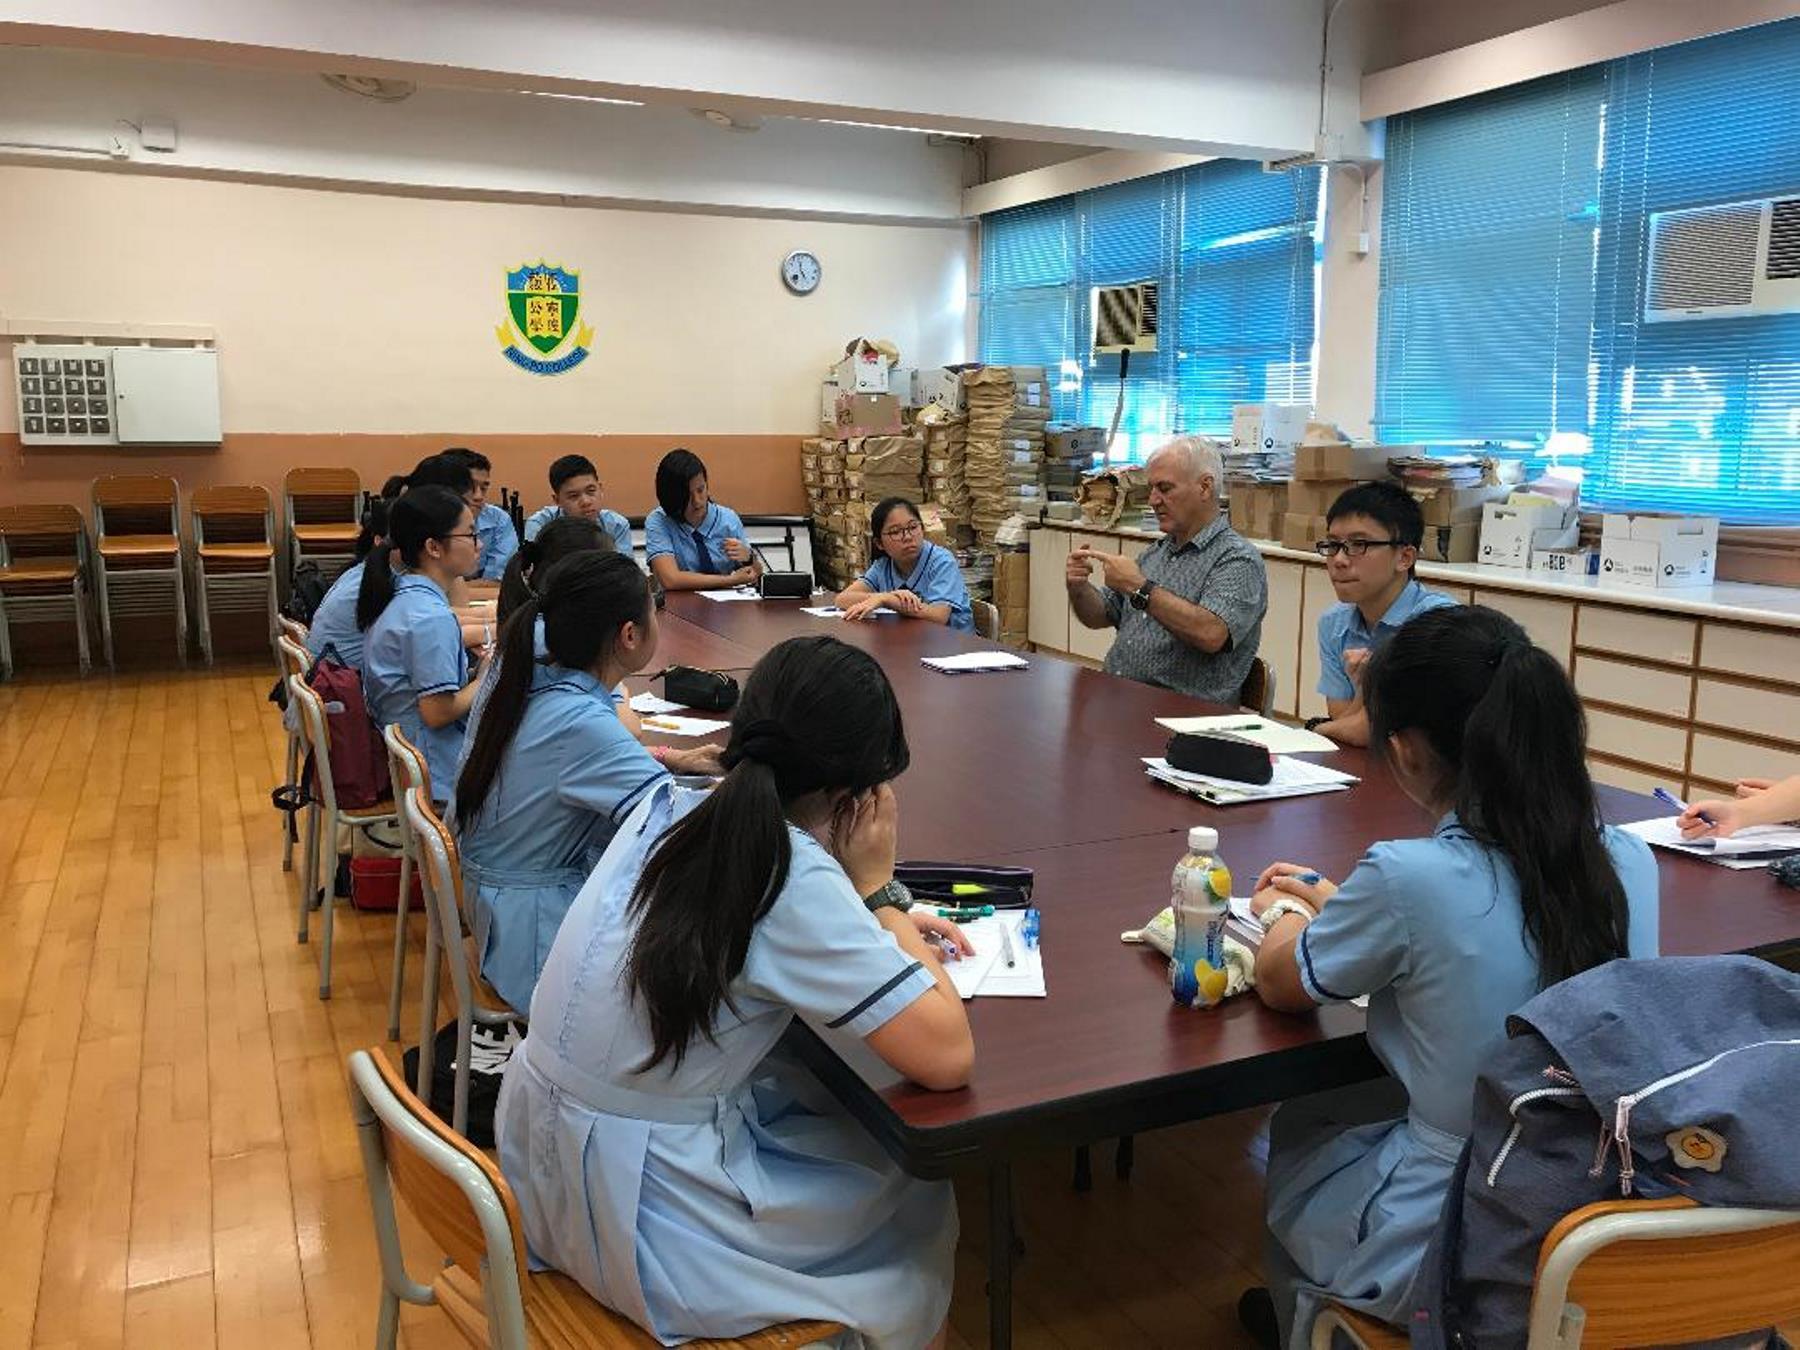 http://npc.edu.hk/sites/default/files/thumbnail_4.jpg